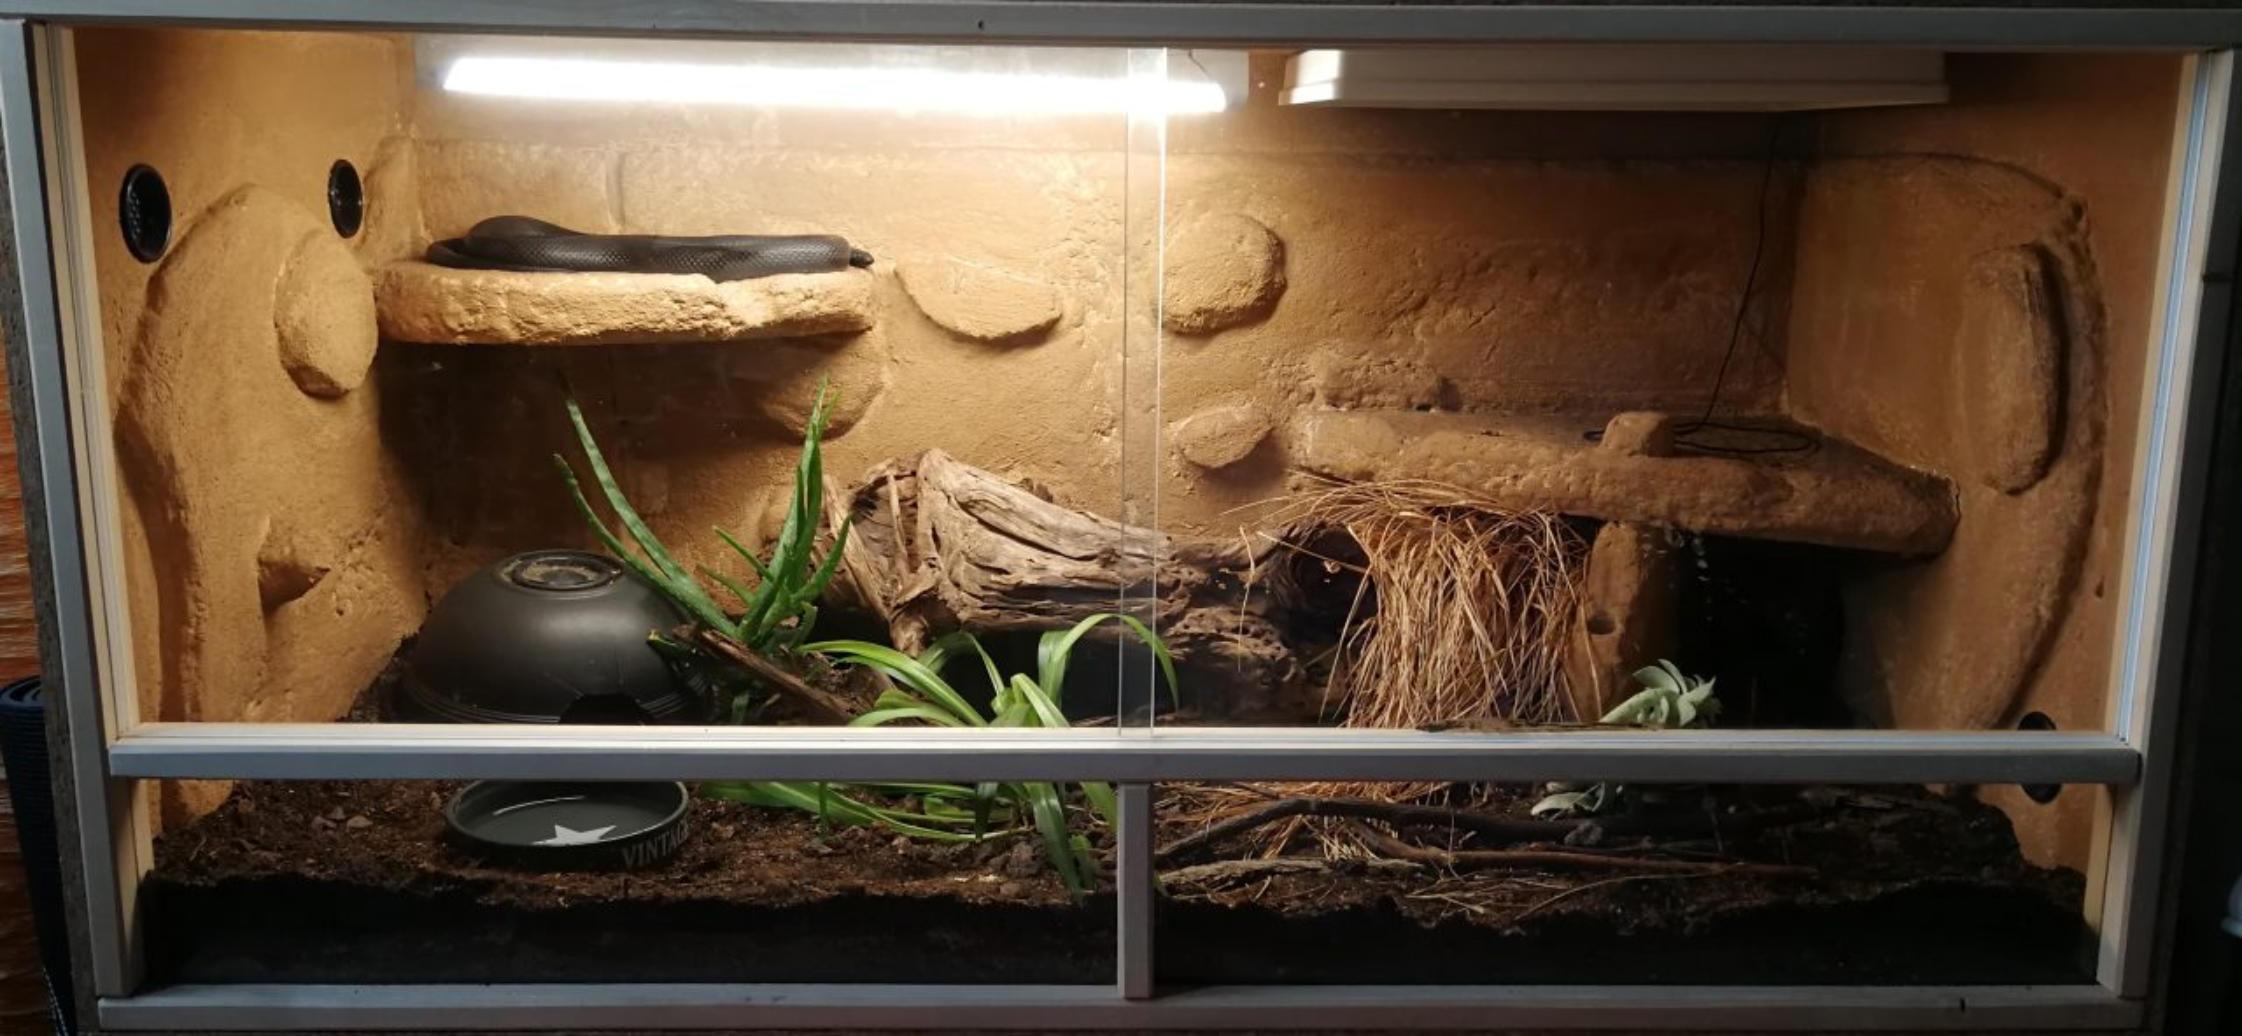 Terrarium 1.0 Lampropeltis getula nigrita